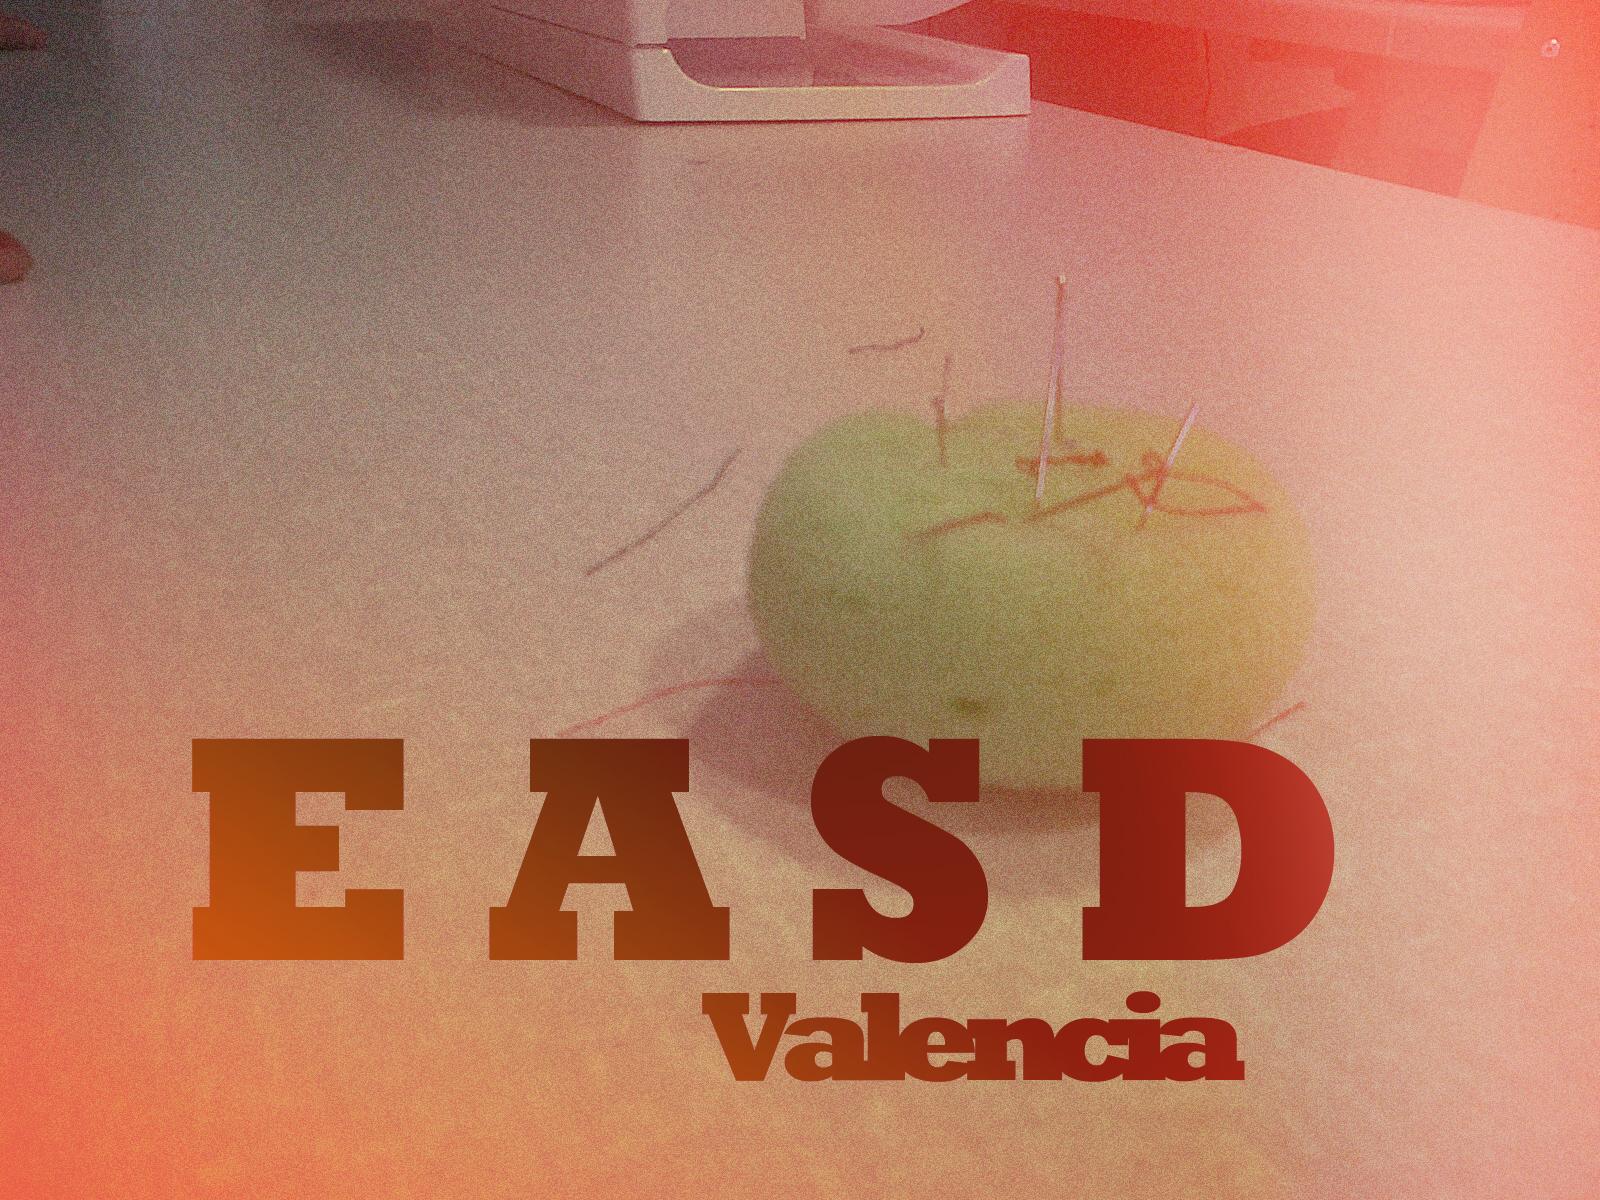 I t 39 s n o t s a v a g e easd valencia trabajos - Easd valencia ...